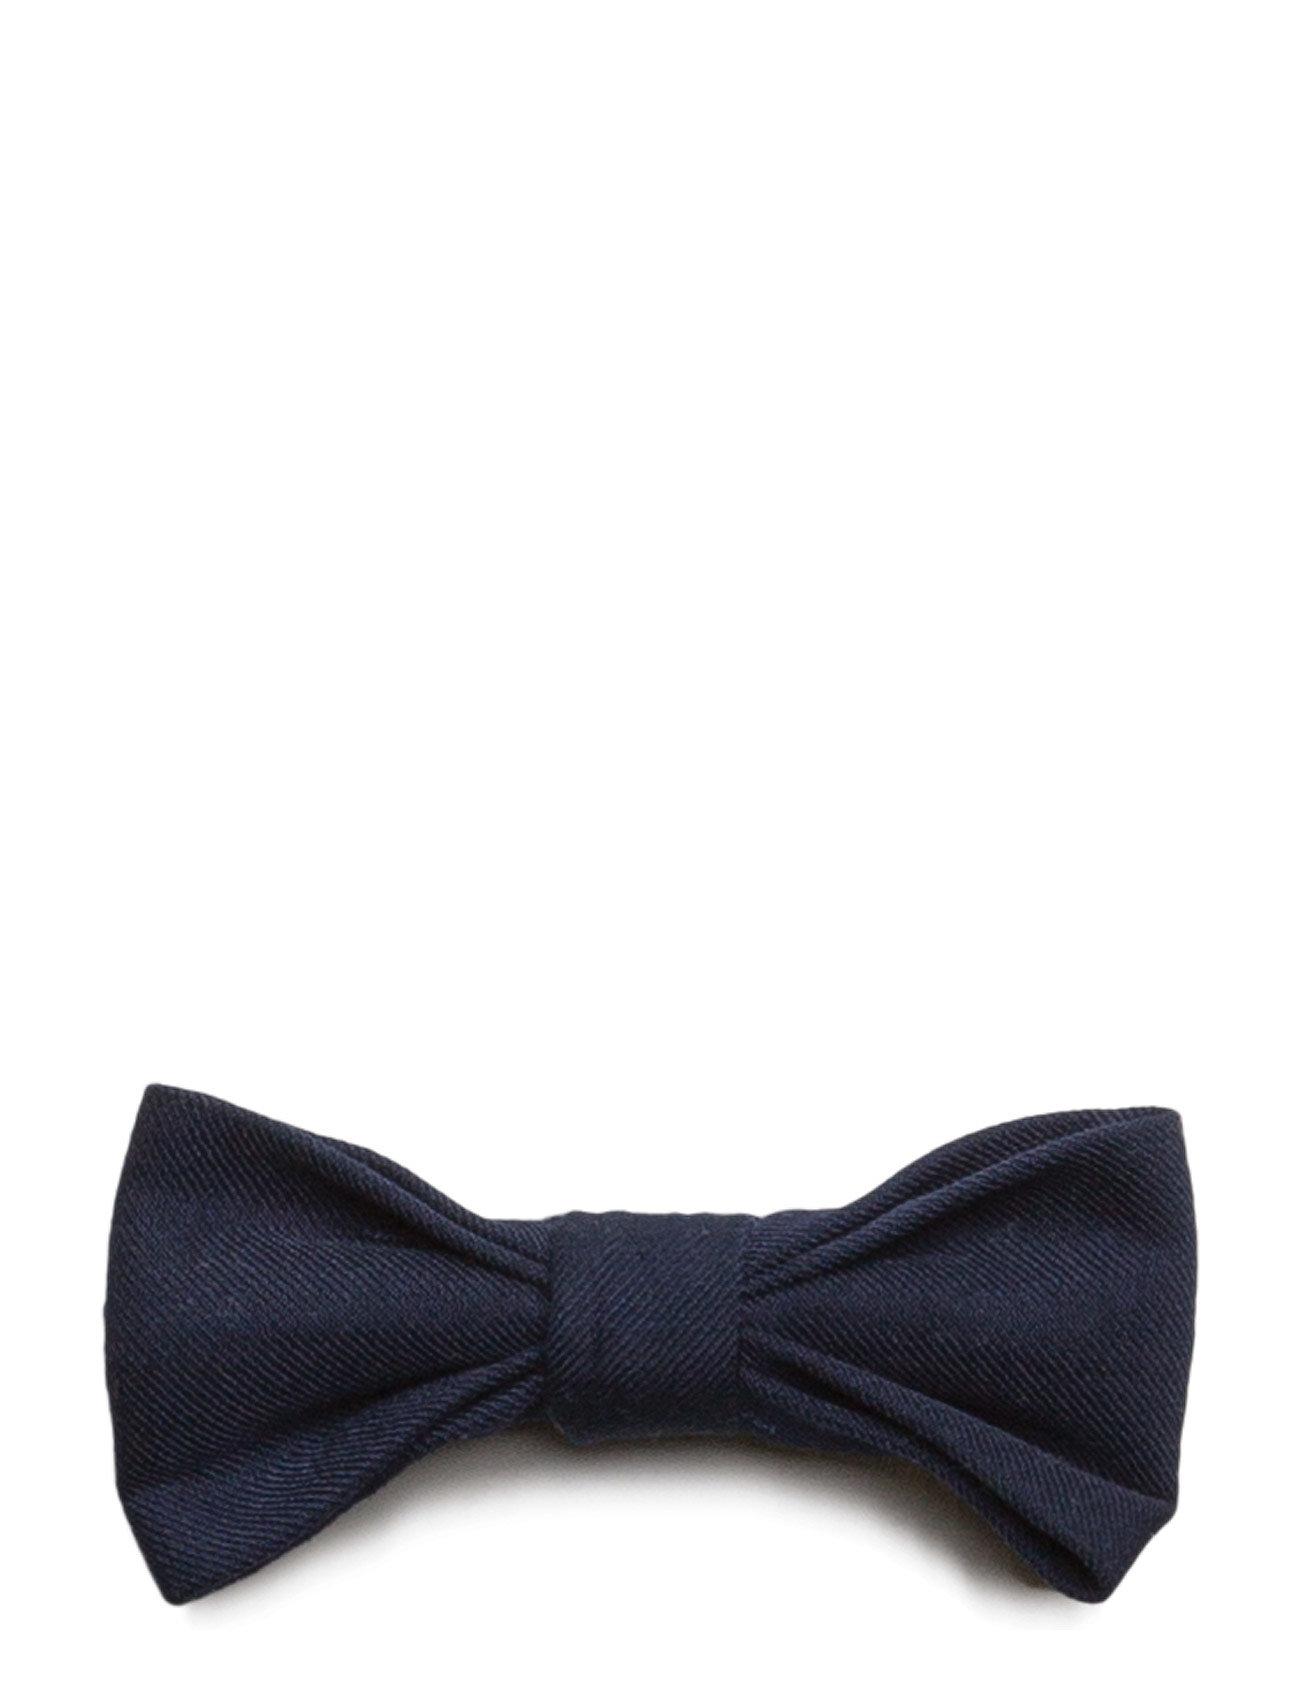 carrã©ment beau – Bow tie på boozt.com dk